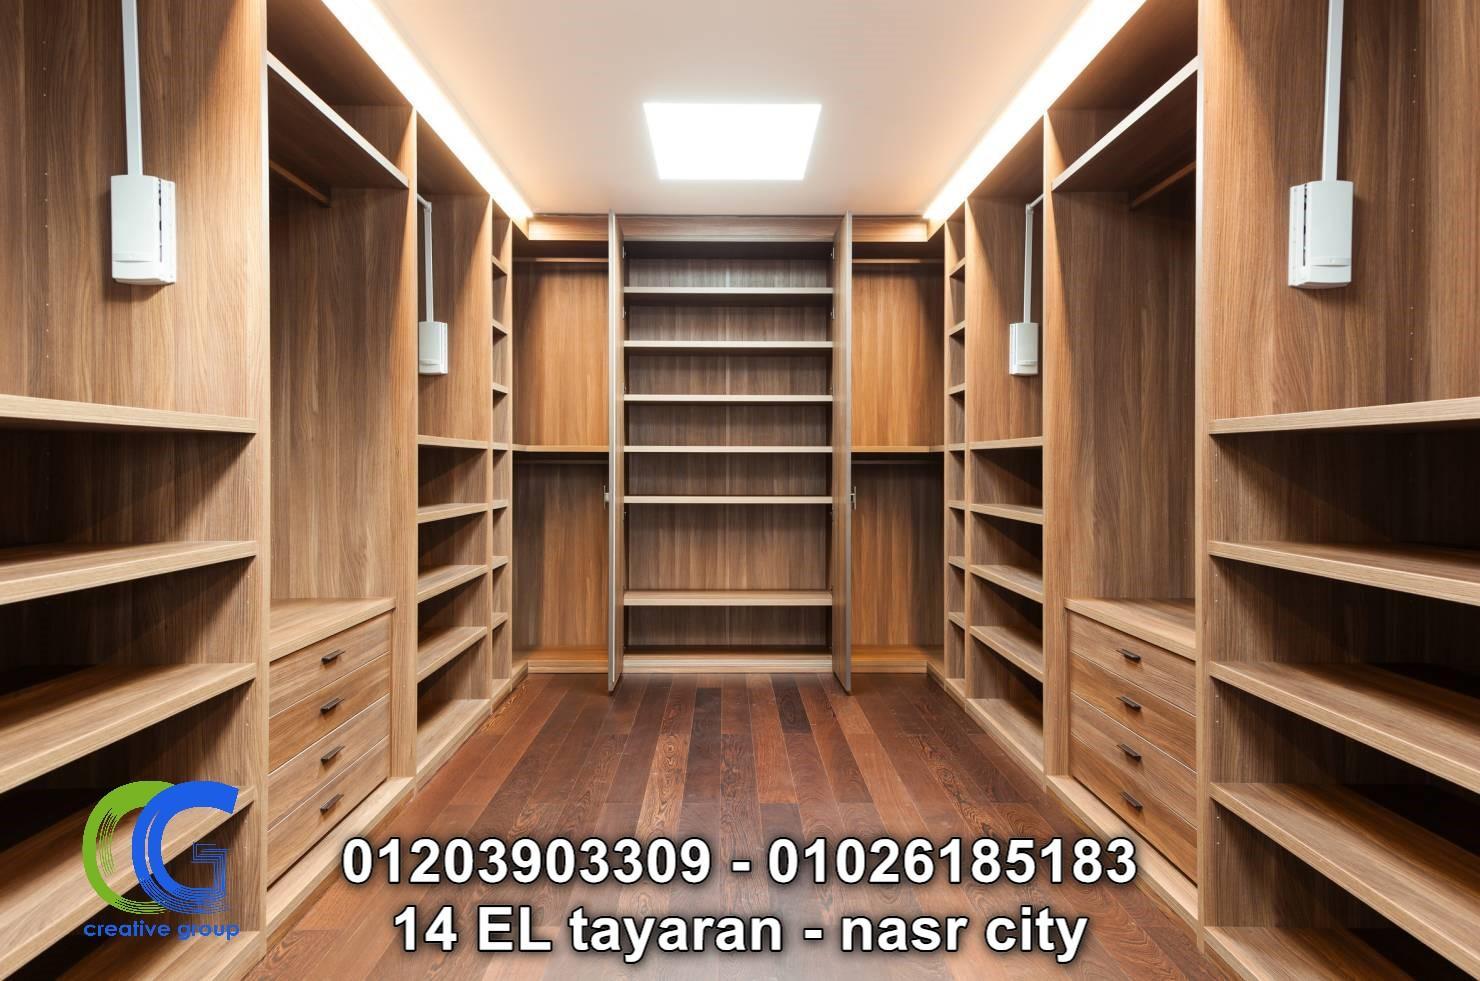 شركة دريسنج رومhpl – كرياتف جروب 01026185183                   108084058